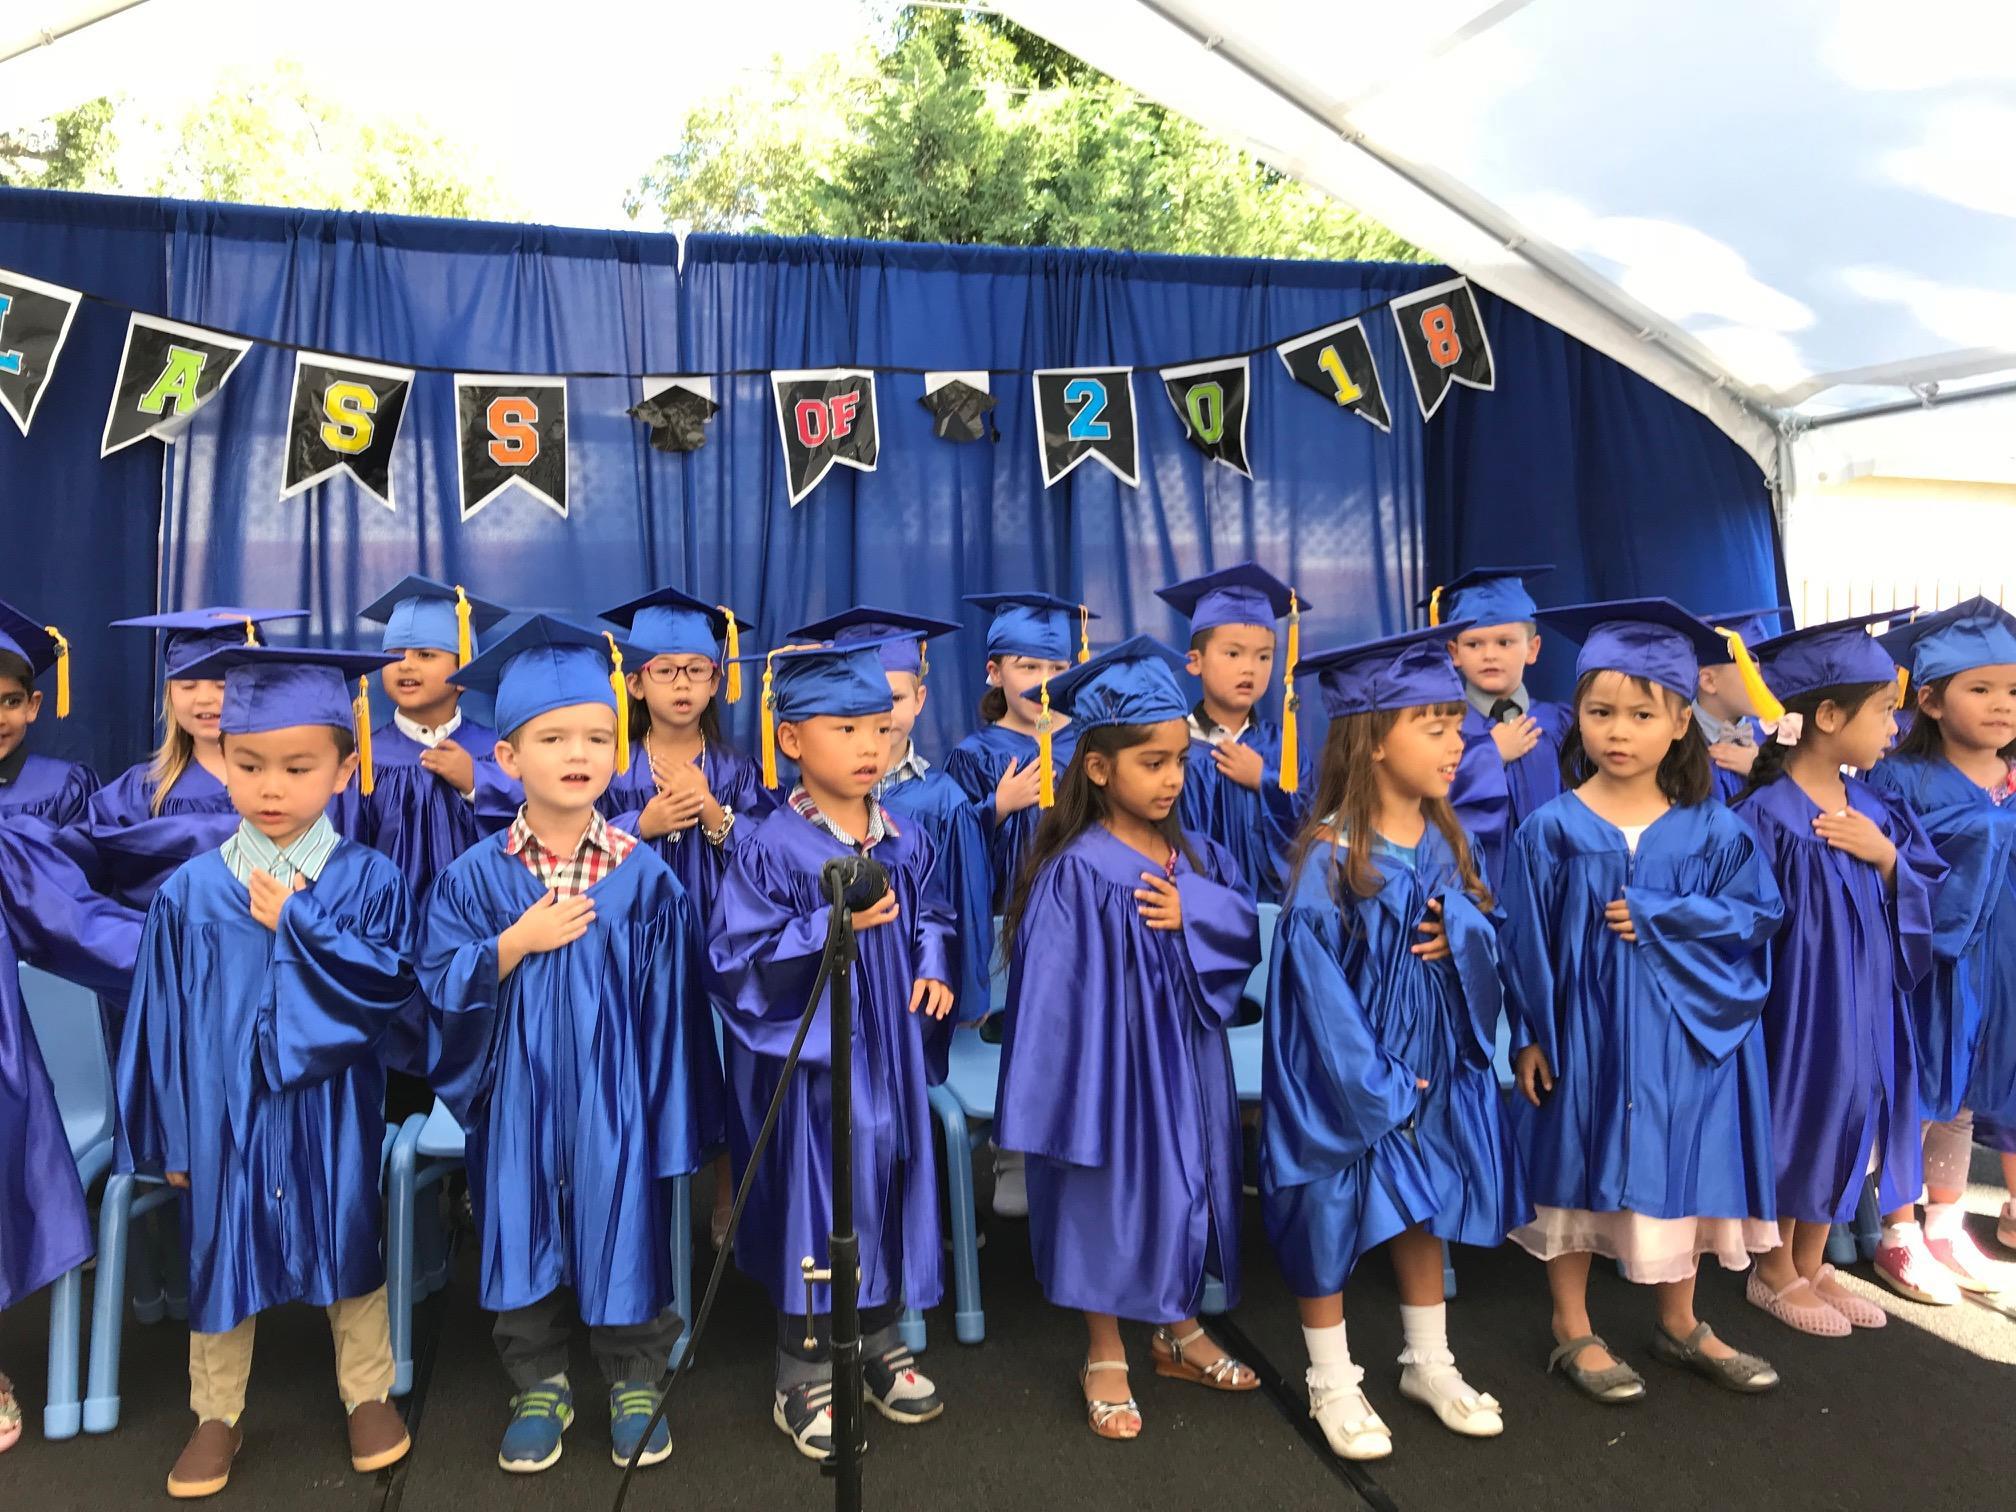 Village Preschool Academy image 39